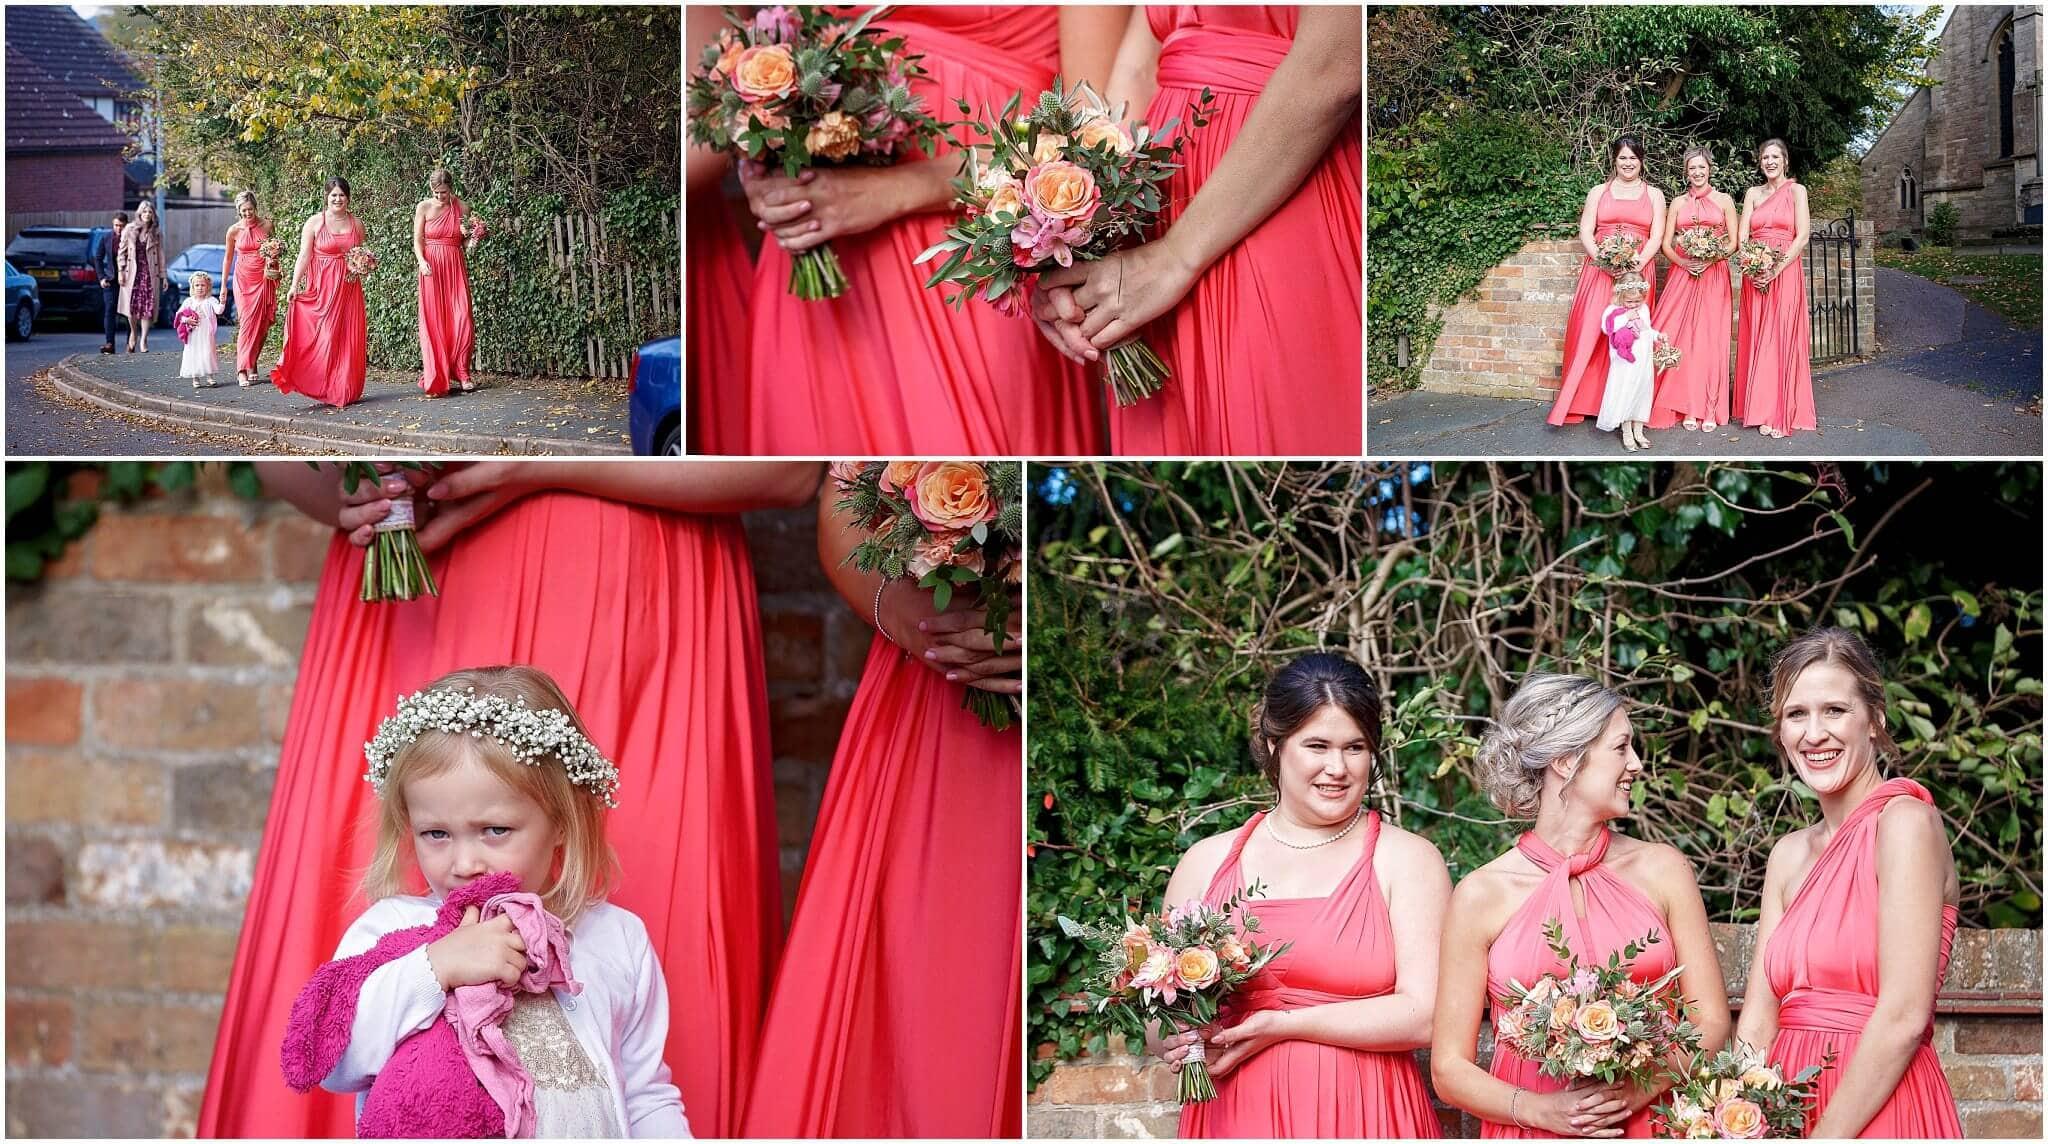 Vow Bridal bridesmaids dresses